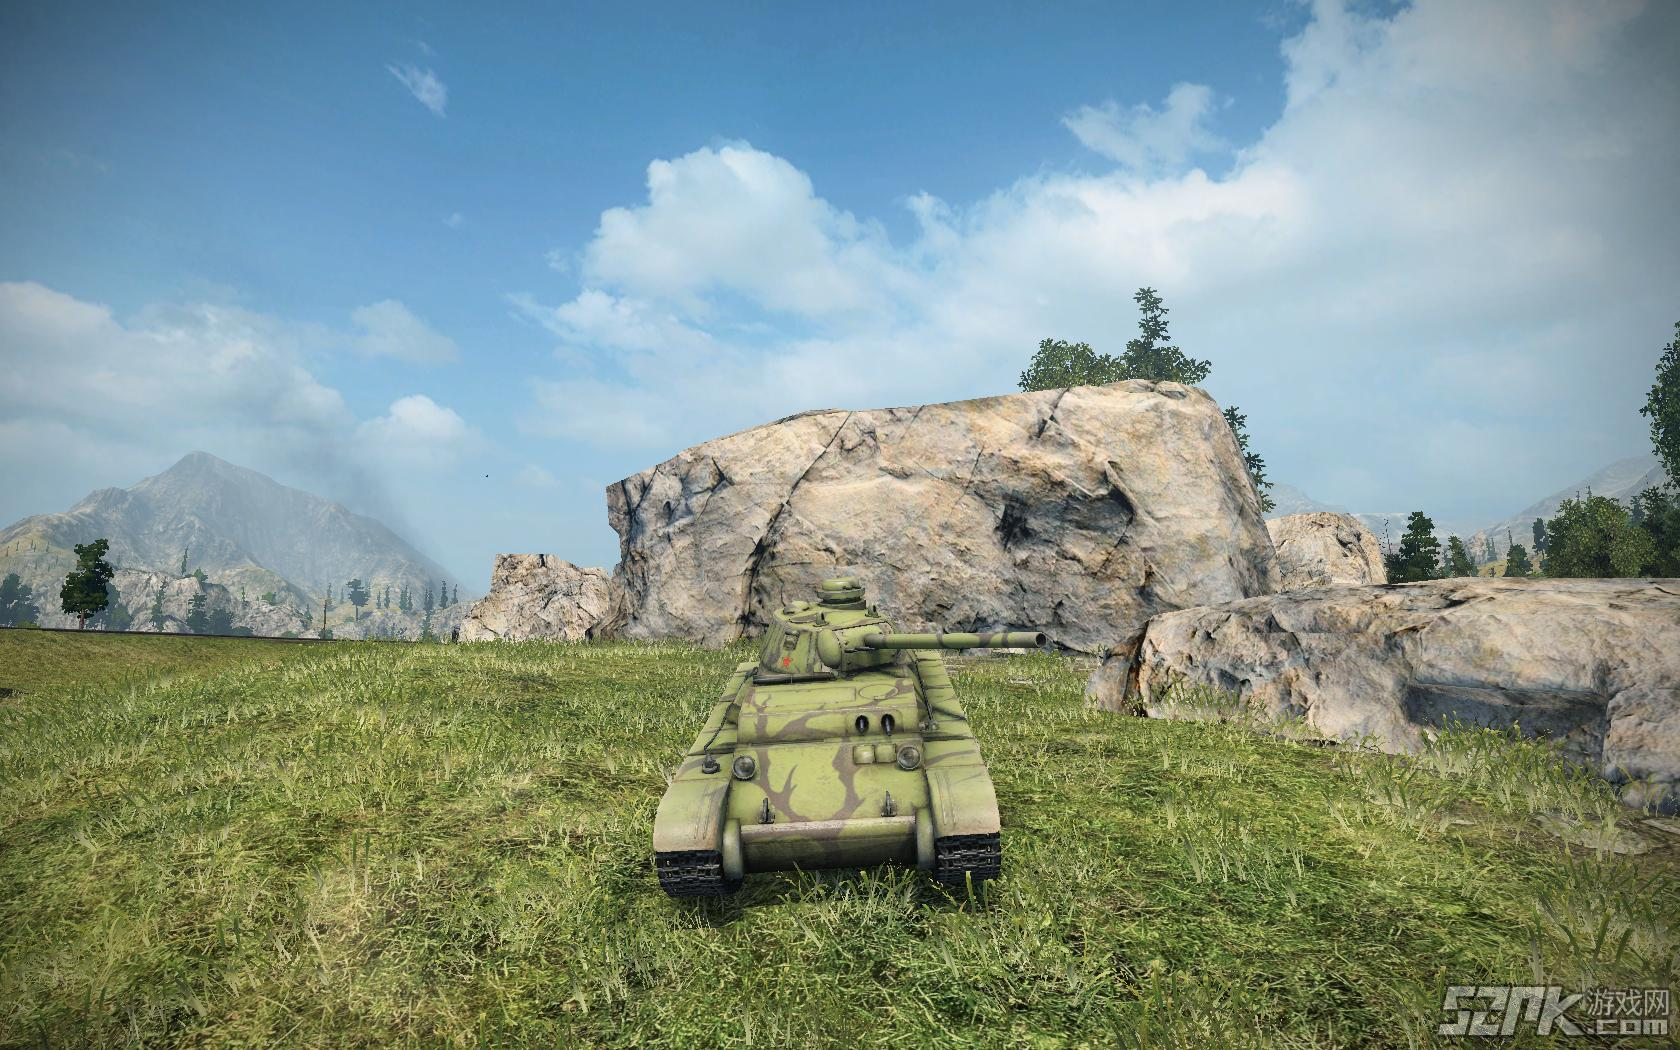 新坦克截图欣赏之S系坦克A-44